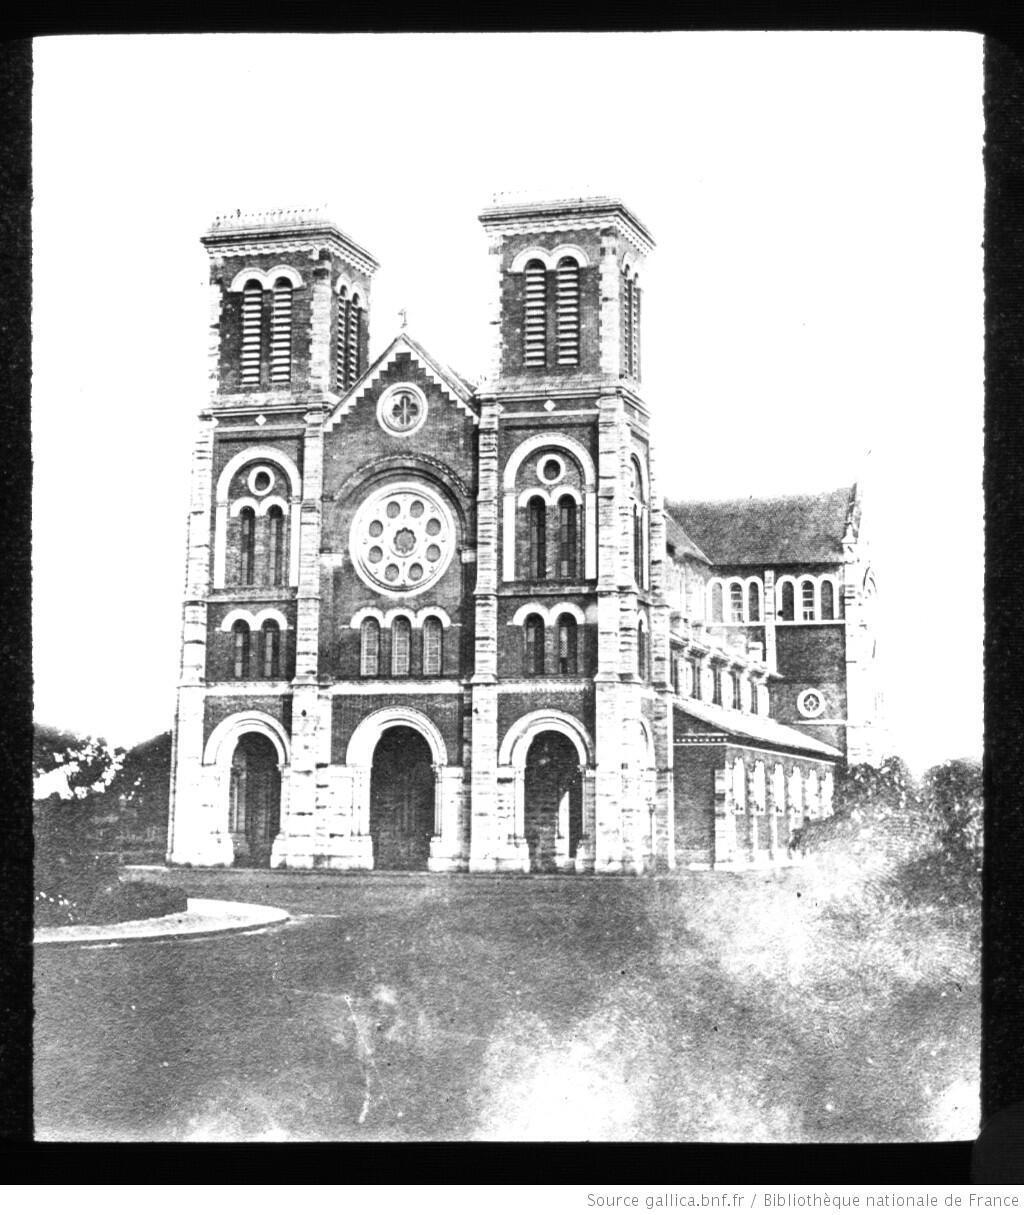 Nhà thờ Đức Bà Sài Gòn sau khi được hoàn thiện năm 1880 và chưa có hai mái chóp.